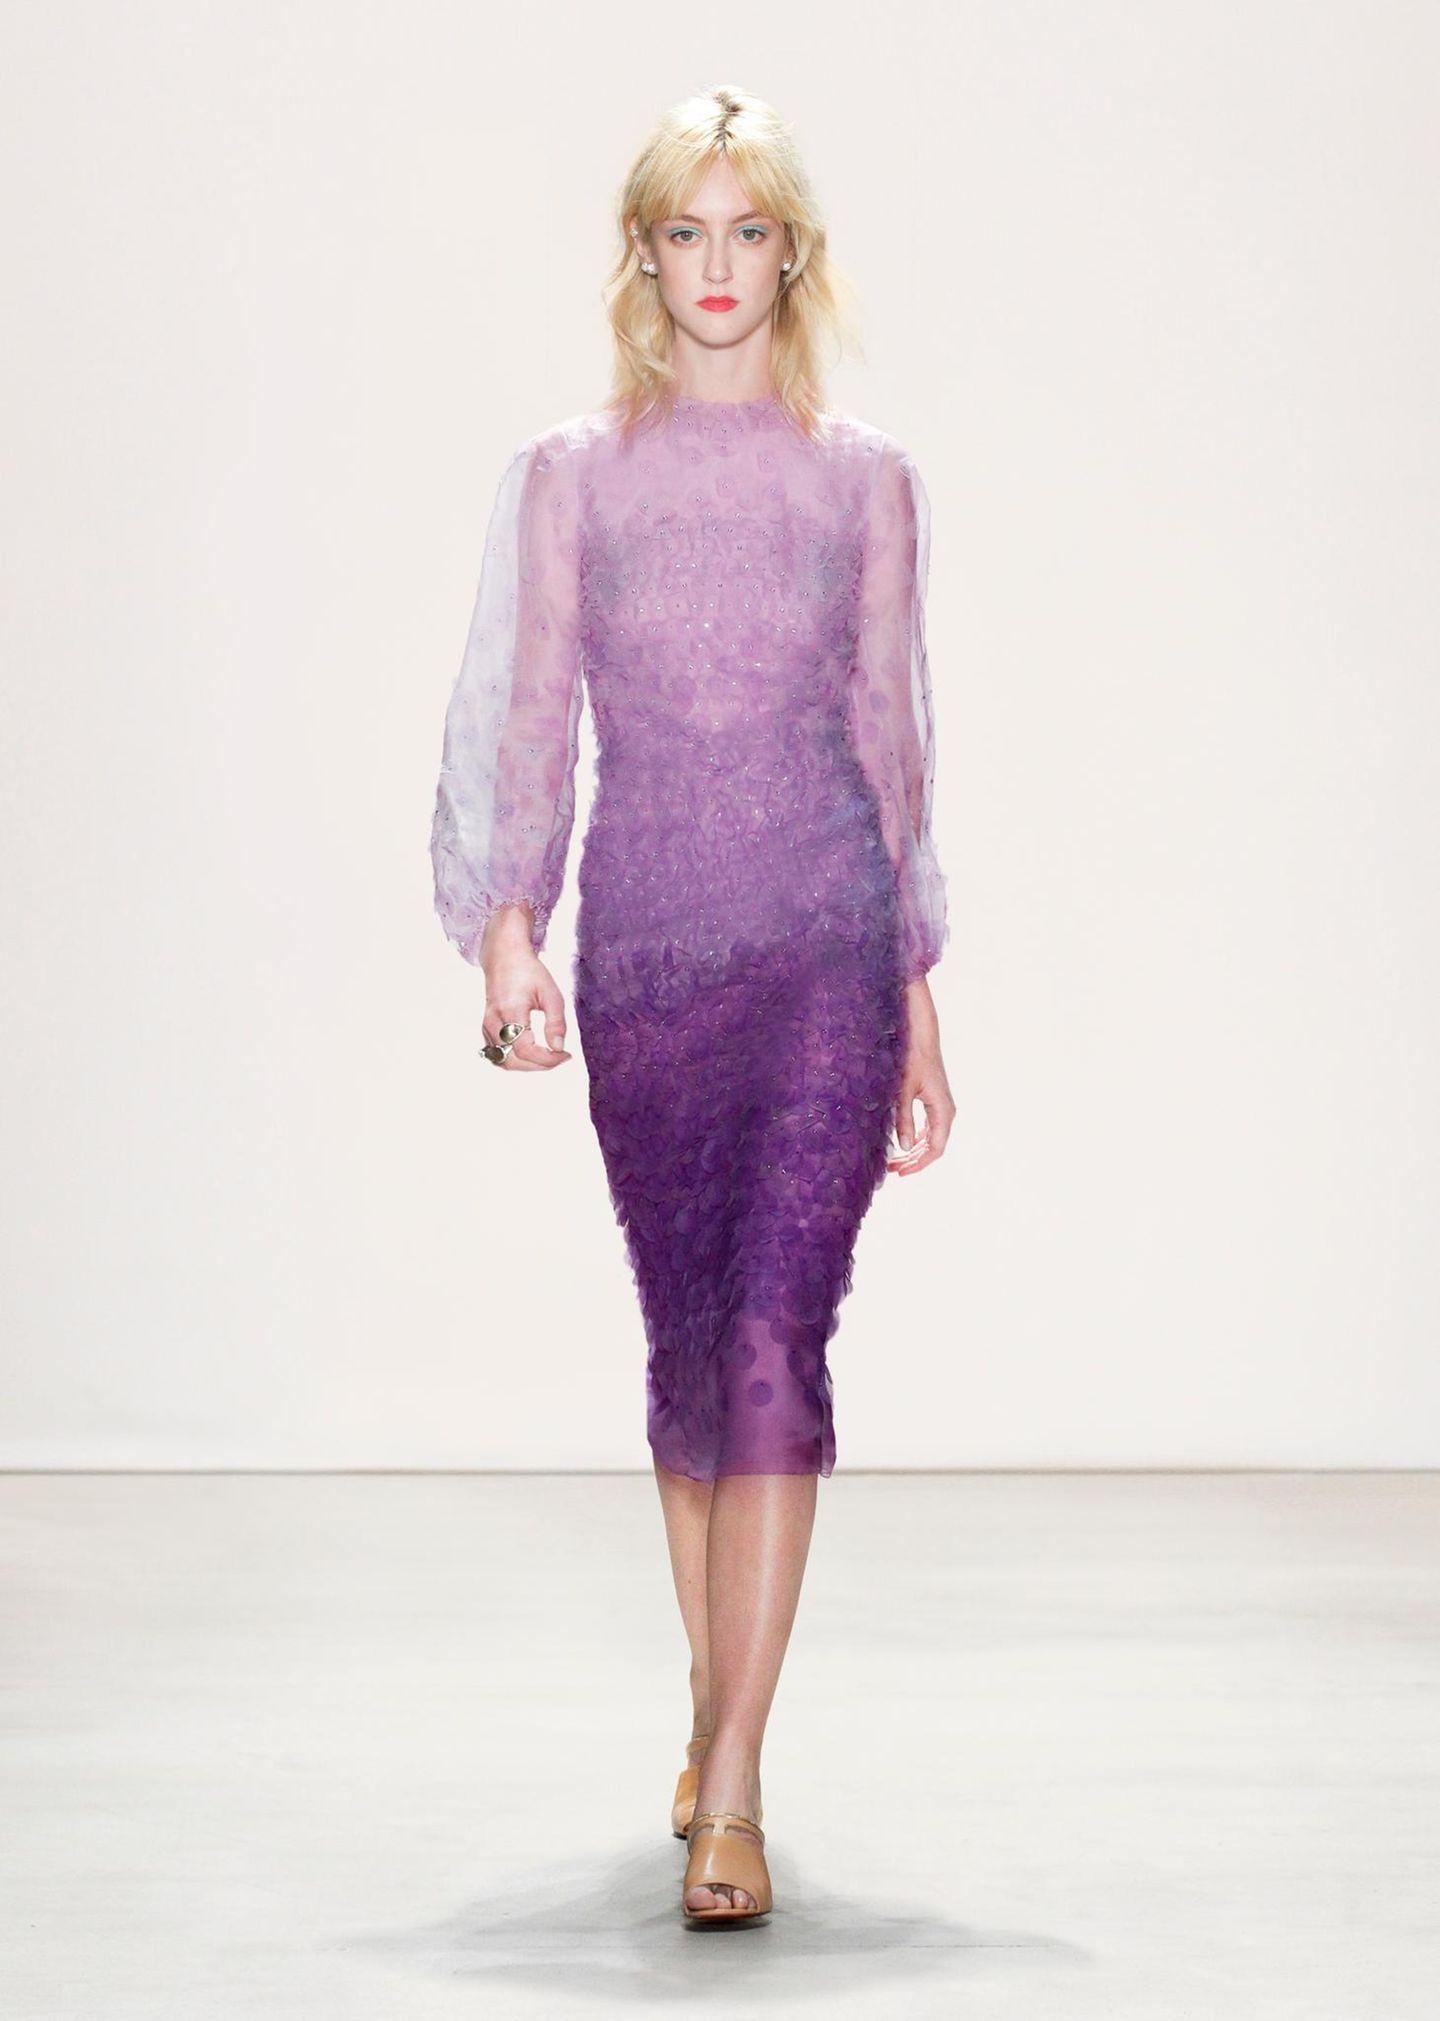 Jenny Packham F/S 2016: Eines unserer liebsten Kleider: Das violettfarbene Kleid mit Verlauf würde an der Herzogin von Cambridge märchenhaft aussehen.